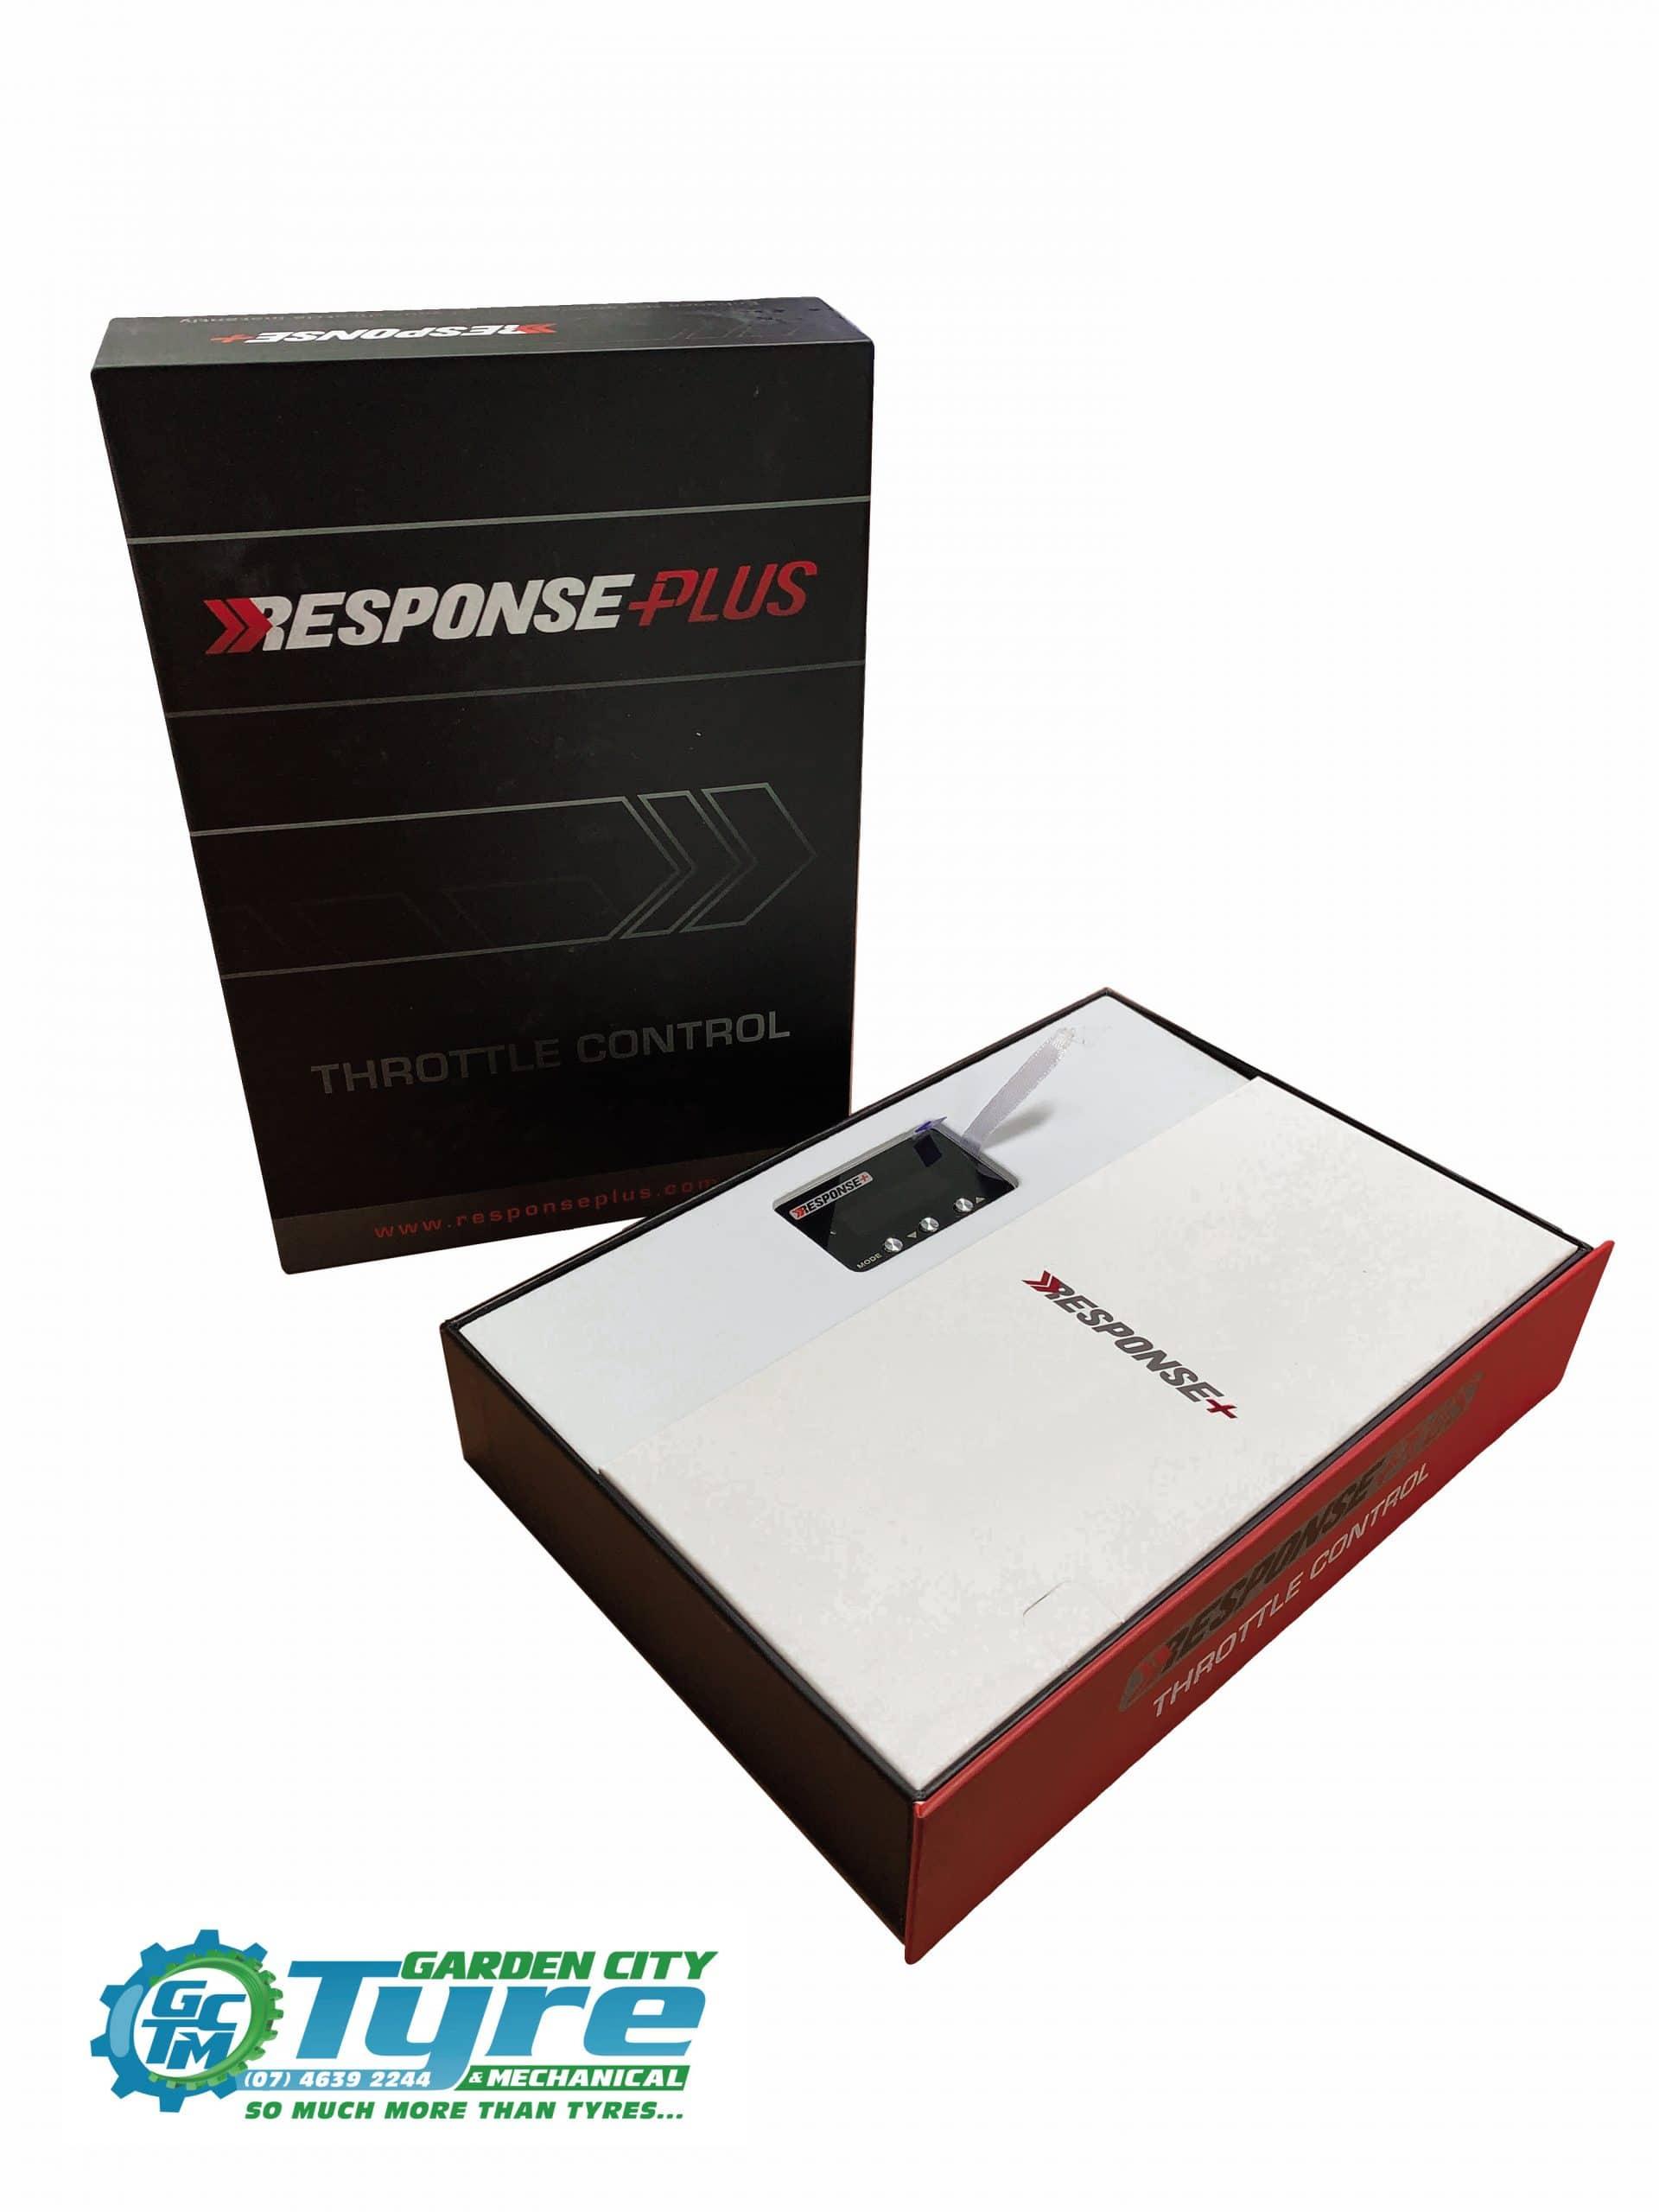 DPRP_packaging_2